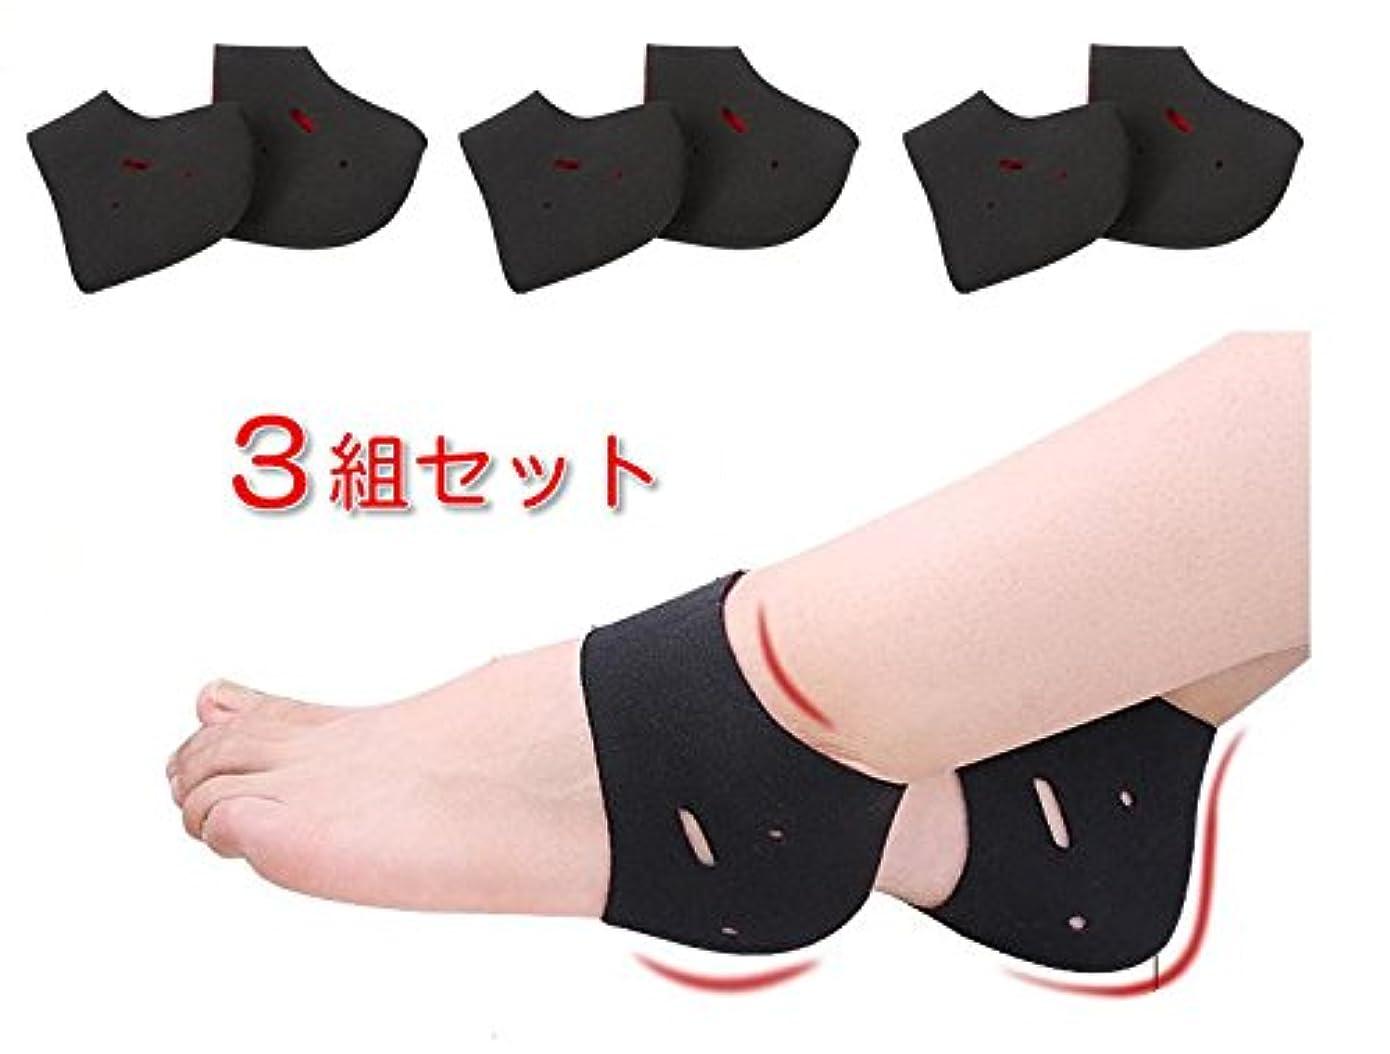 ダーツガイダンス鷲Lumiele かかとケア かかとサポーター 3足セット 両足用 角質ケア かかと靴下 (Lサイズ)